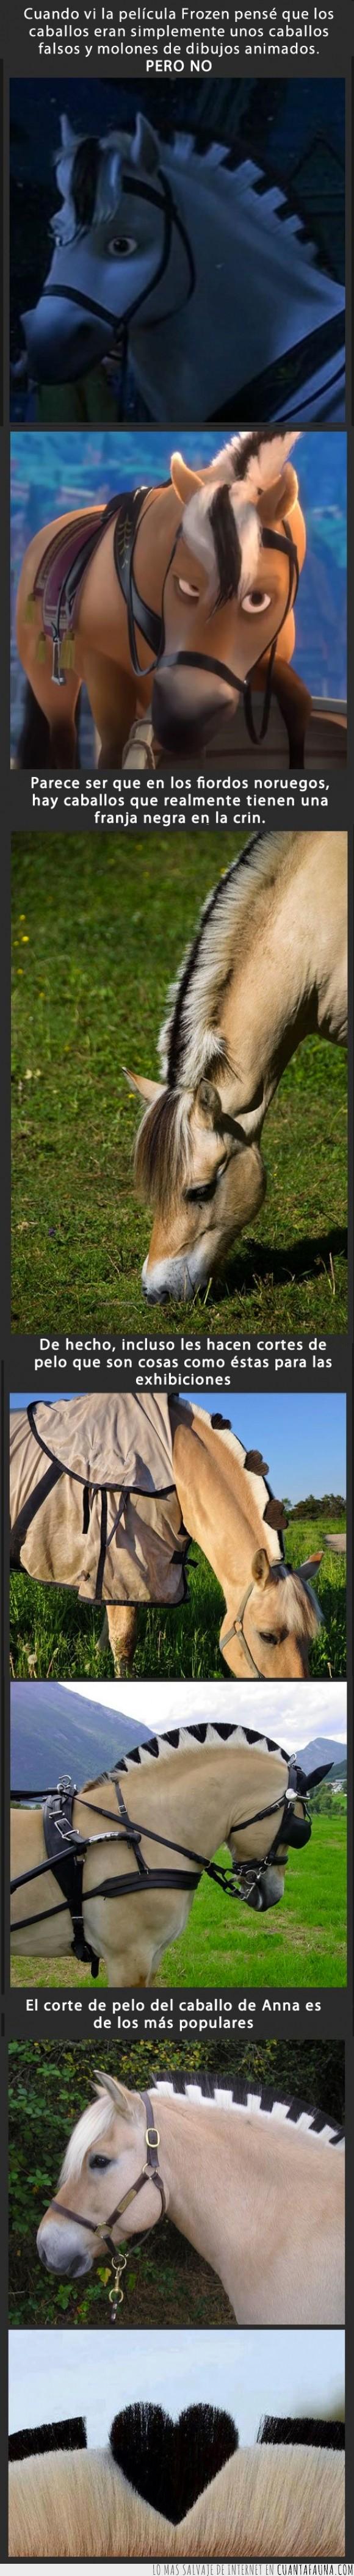 anna,caballo,crin,forma,frozen,medio,negro,peinado,rubio